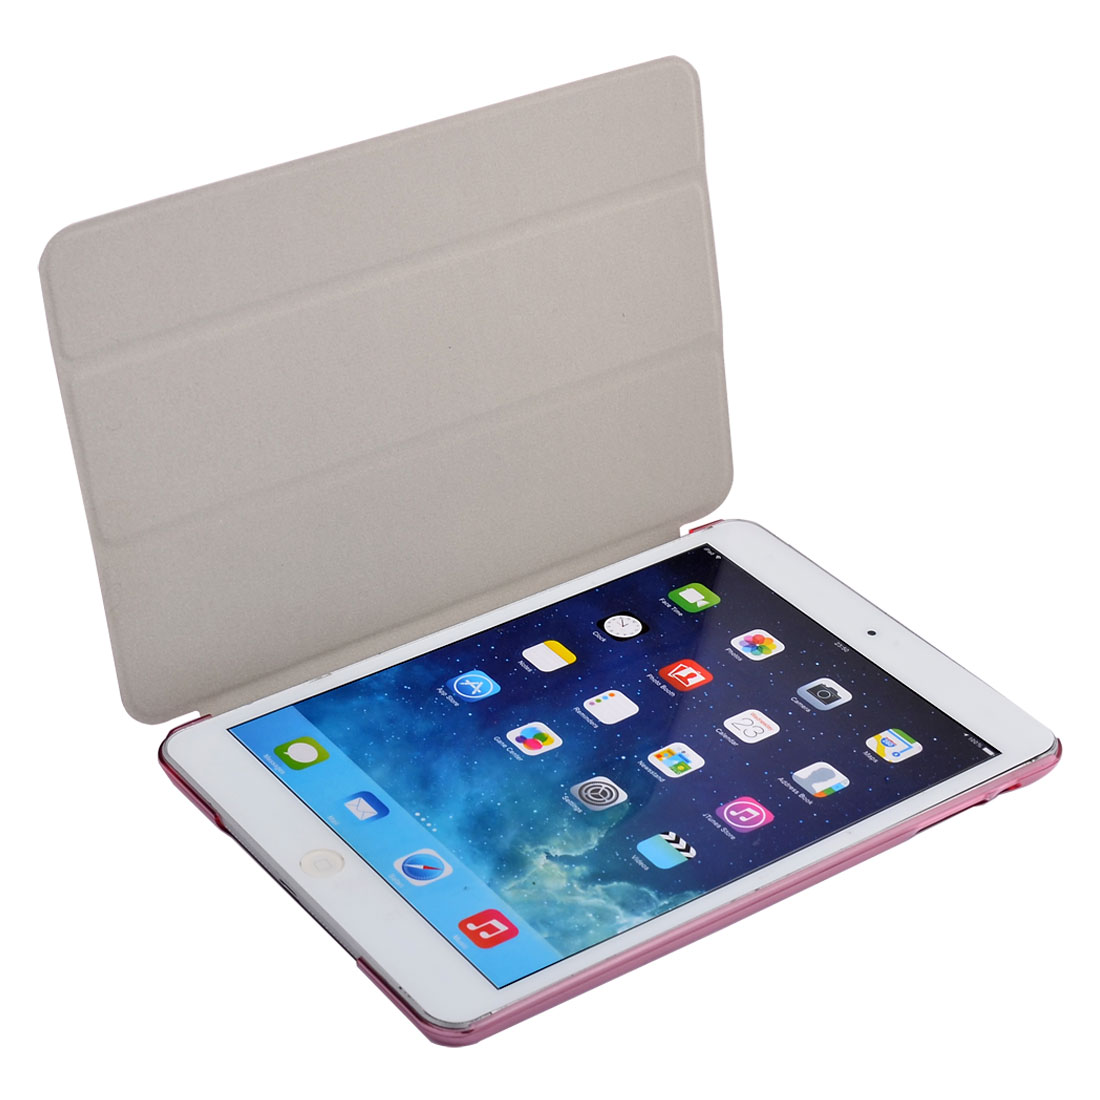 Fuchsia Plastic Back PU Leather Protect Shell Case Cover for iPad Mini 1/2/3